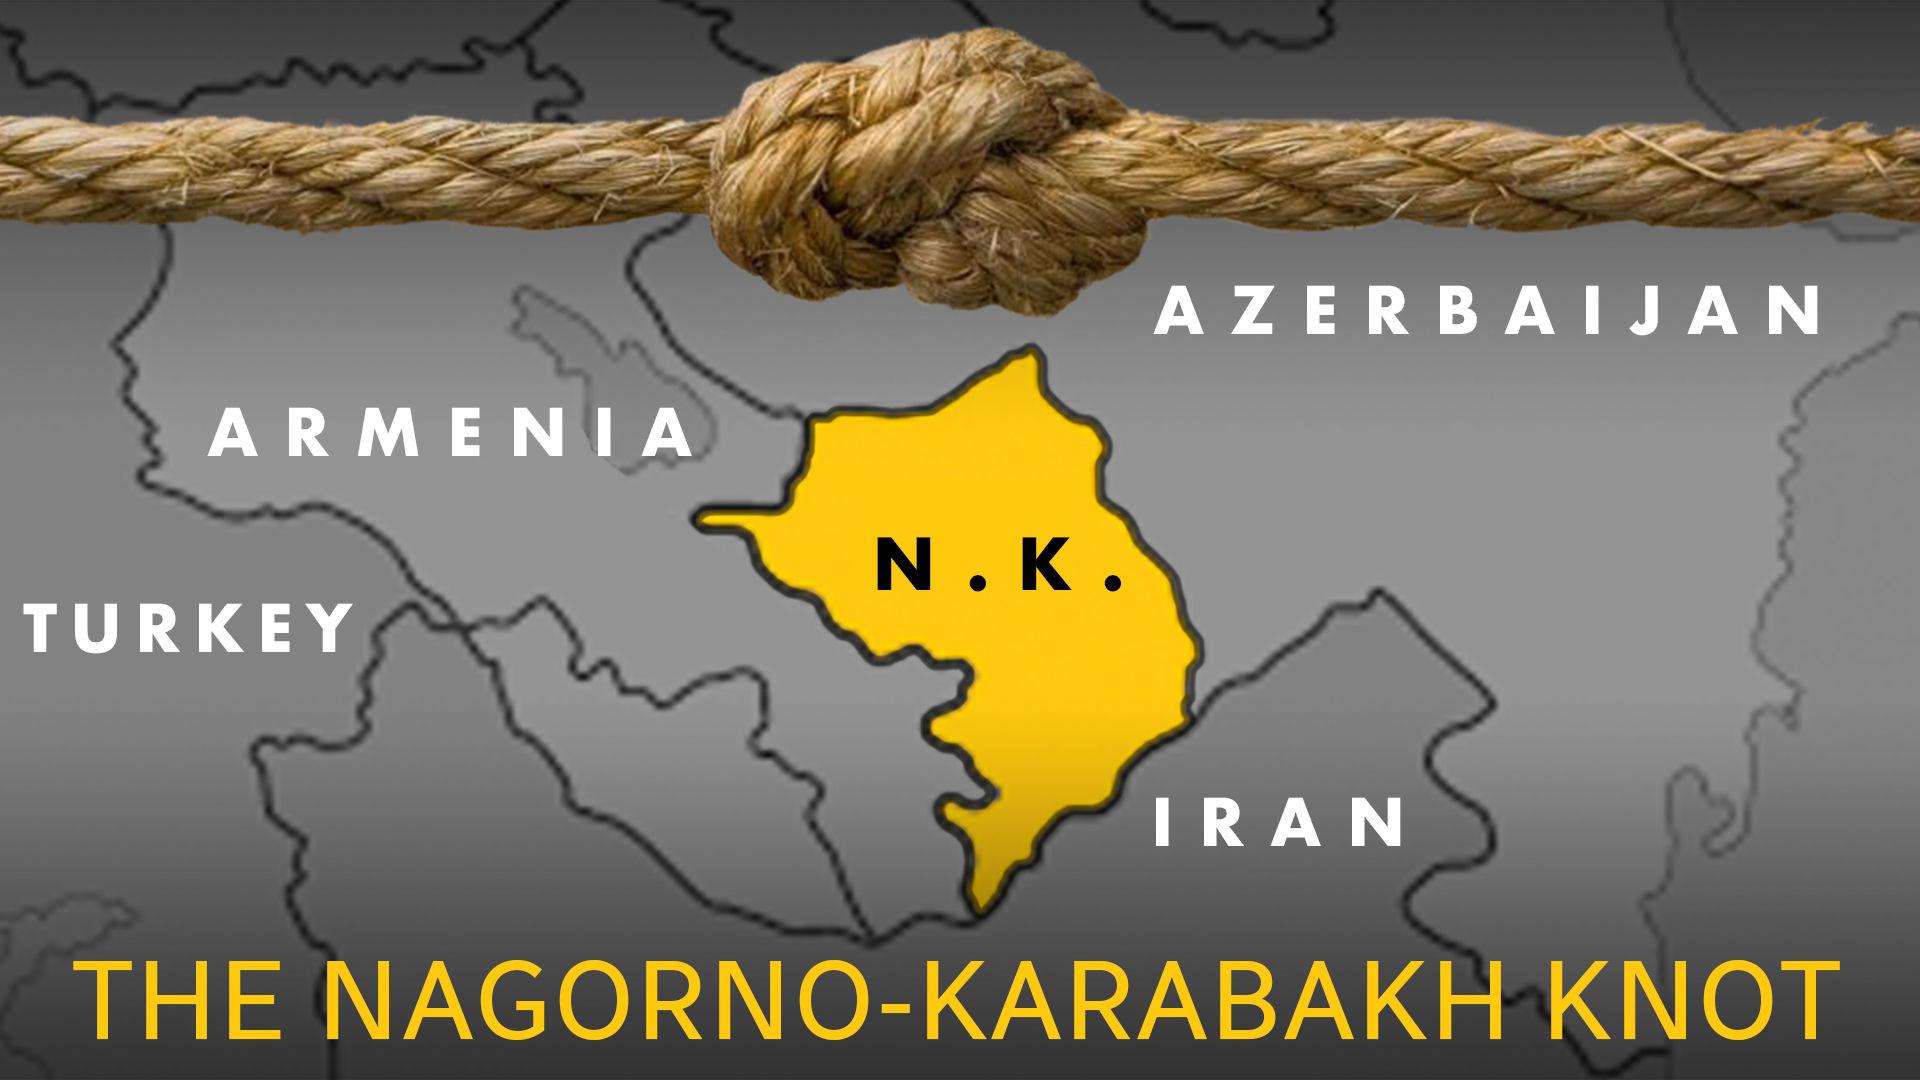 """文字"""" THE NAGORNO-KARABAKH KNOT""""和N.K地图上的打结图像。 亚美尼亚,阿塞拜疆,土耳其和伊朗"""